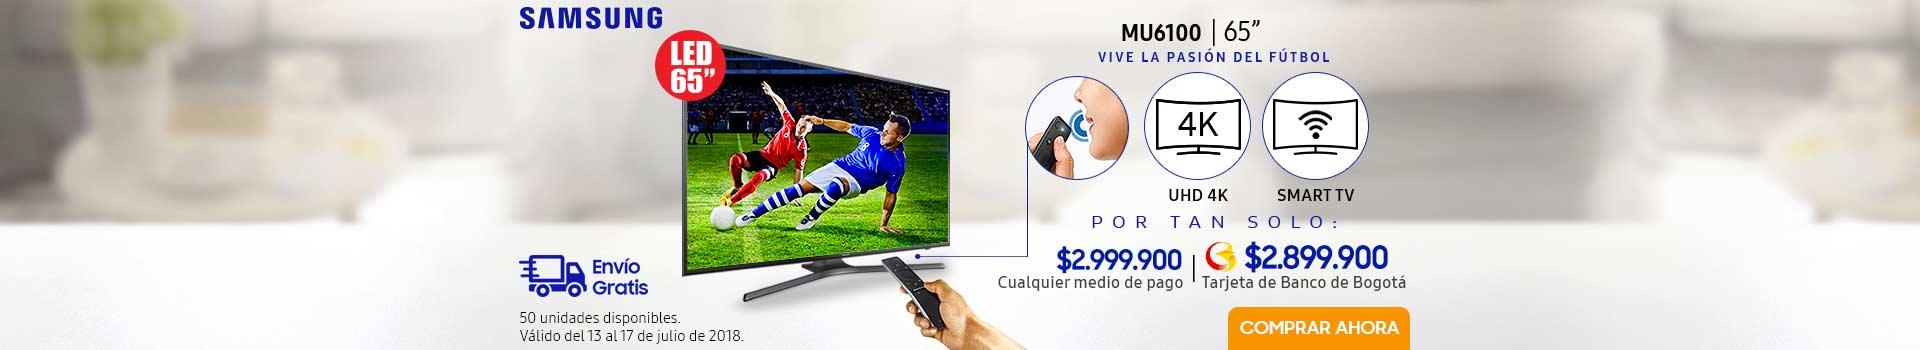 PPAL-KT-1-TV-Samsung-65mu6100-jul-14